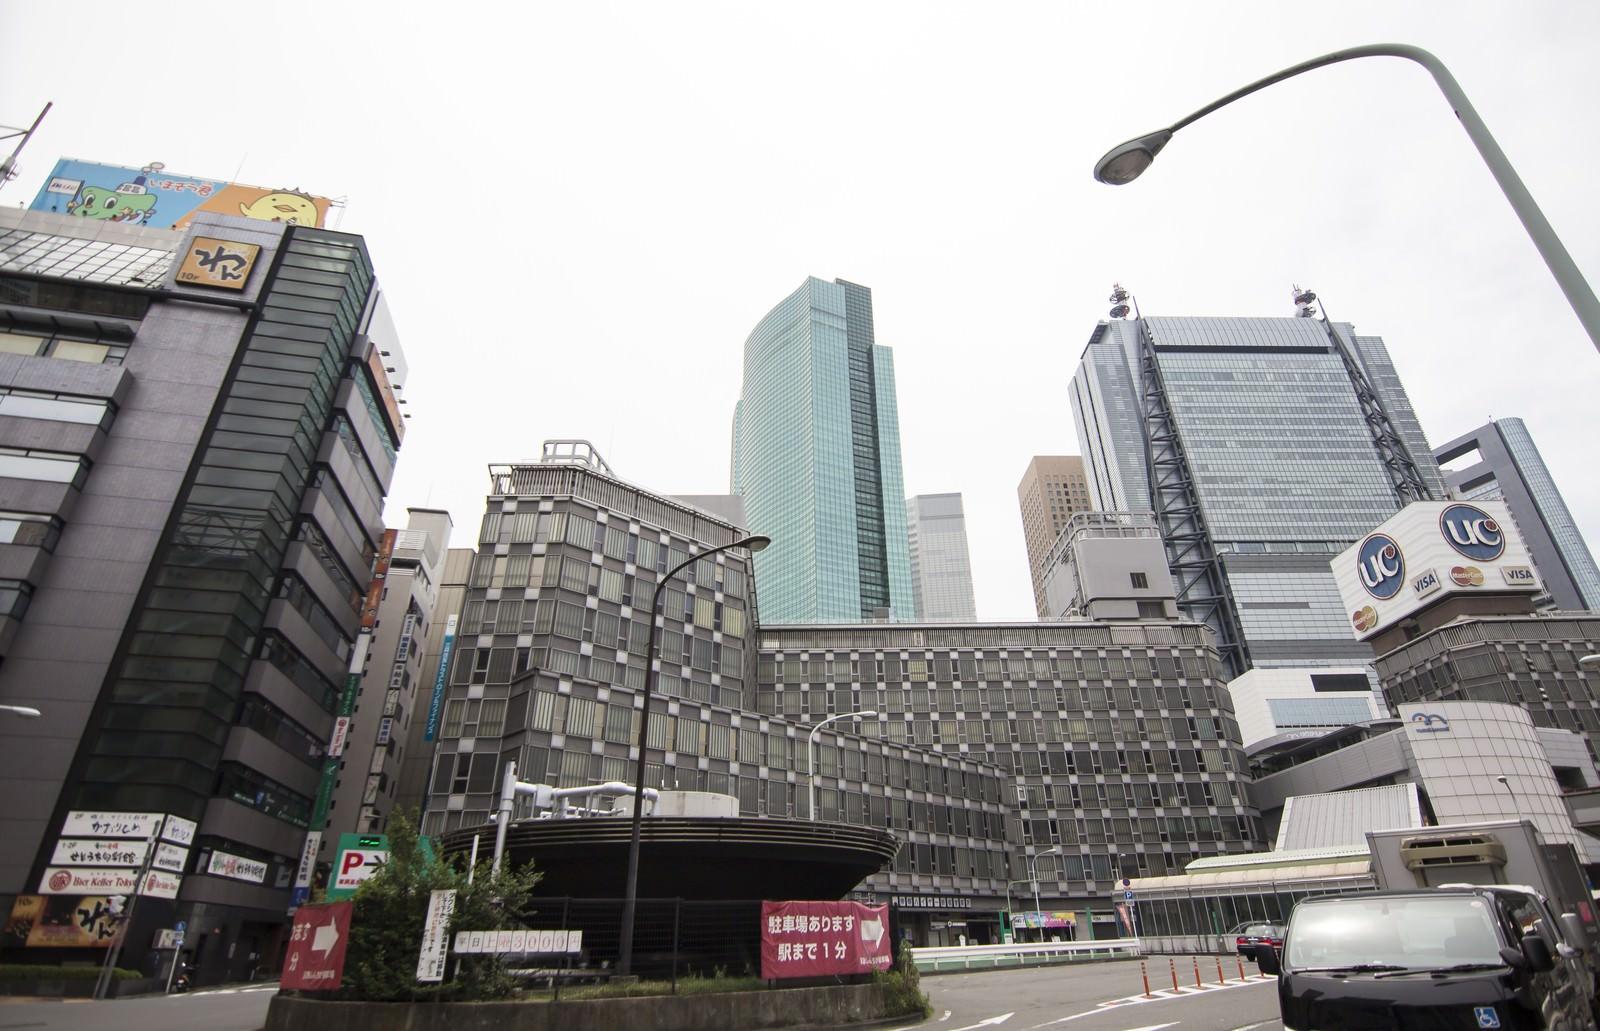 「新橋駅前のビル街」の写真